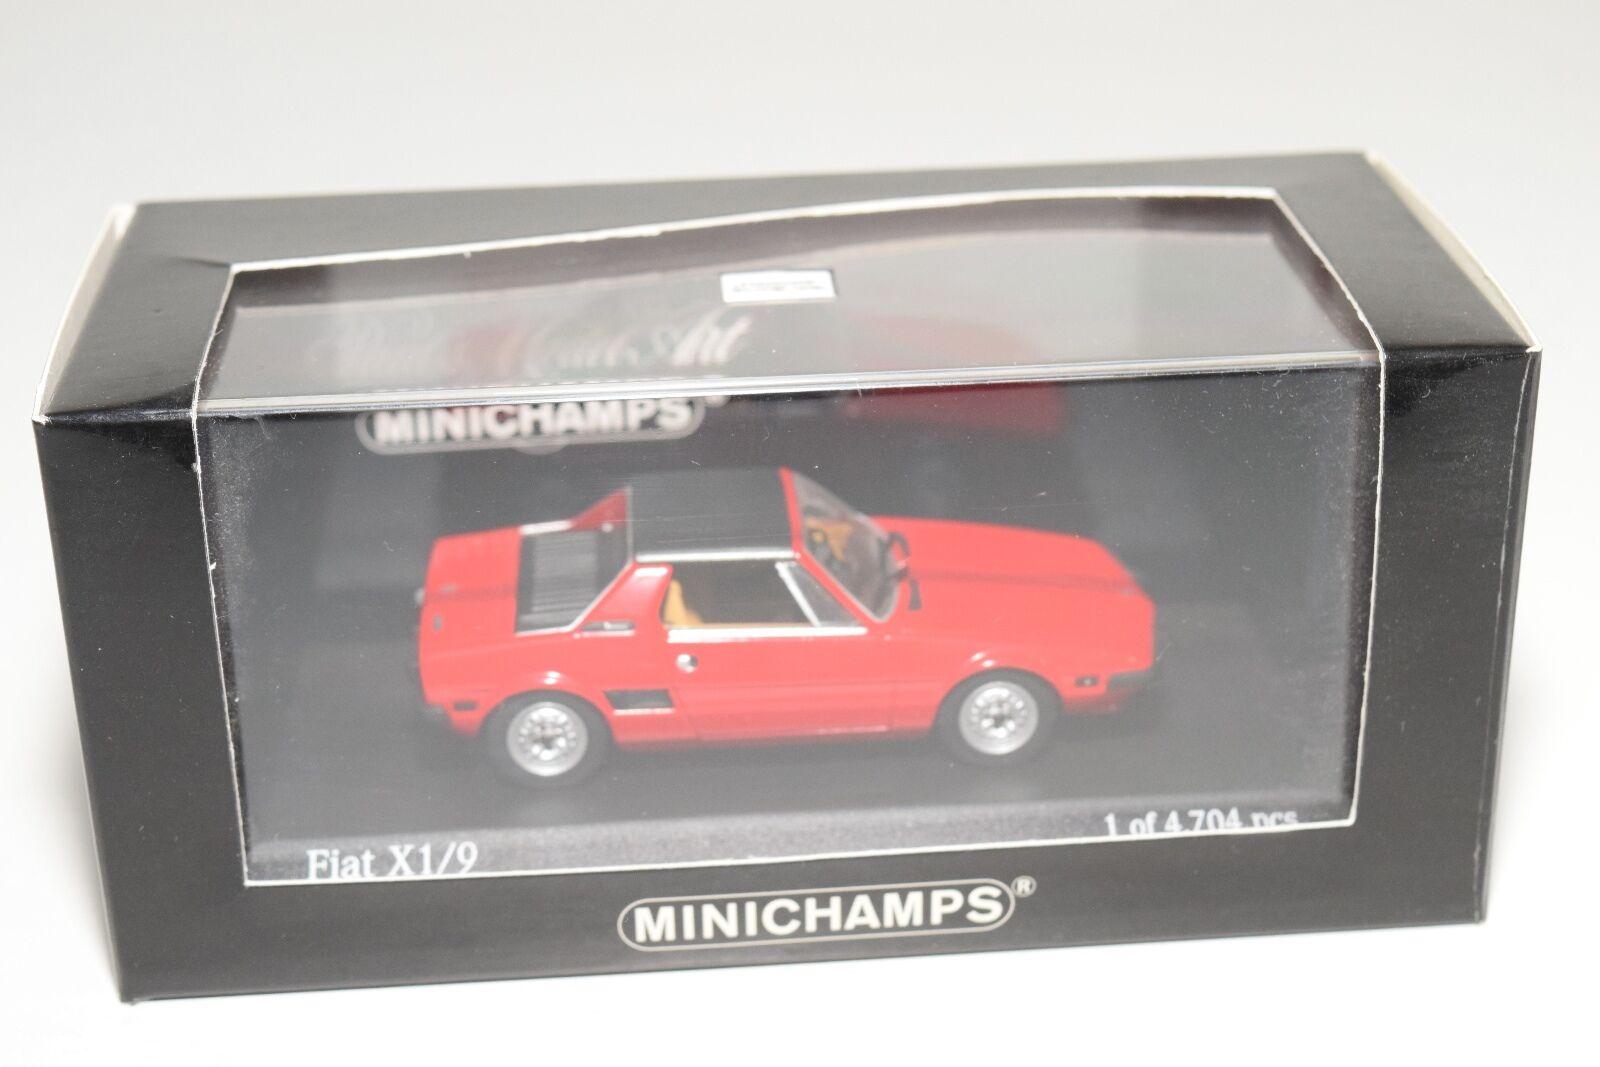 . MINICHAMPS FIAT X 1 9 X1 9 1972 - 78 RED MINT BOXED